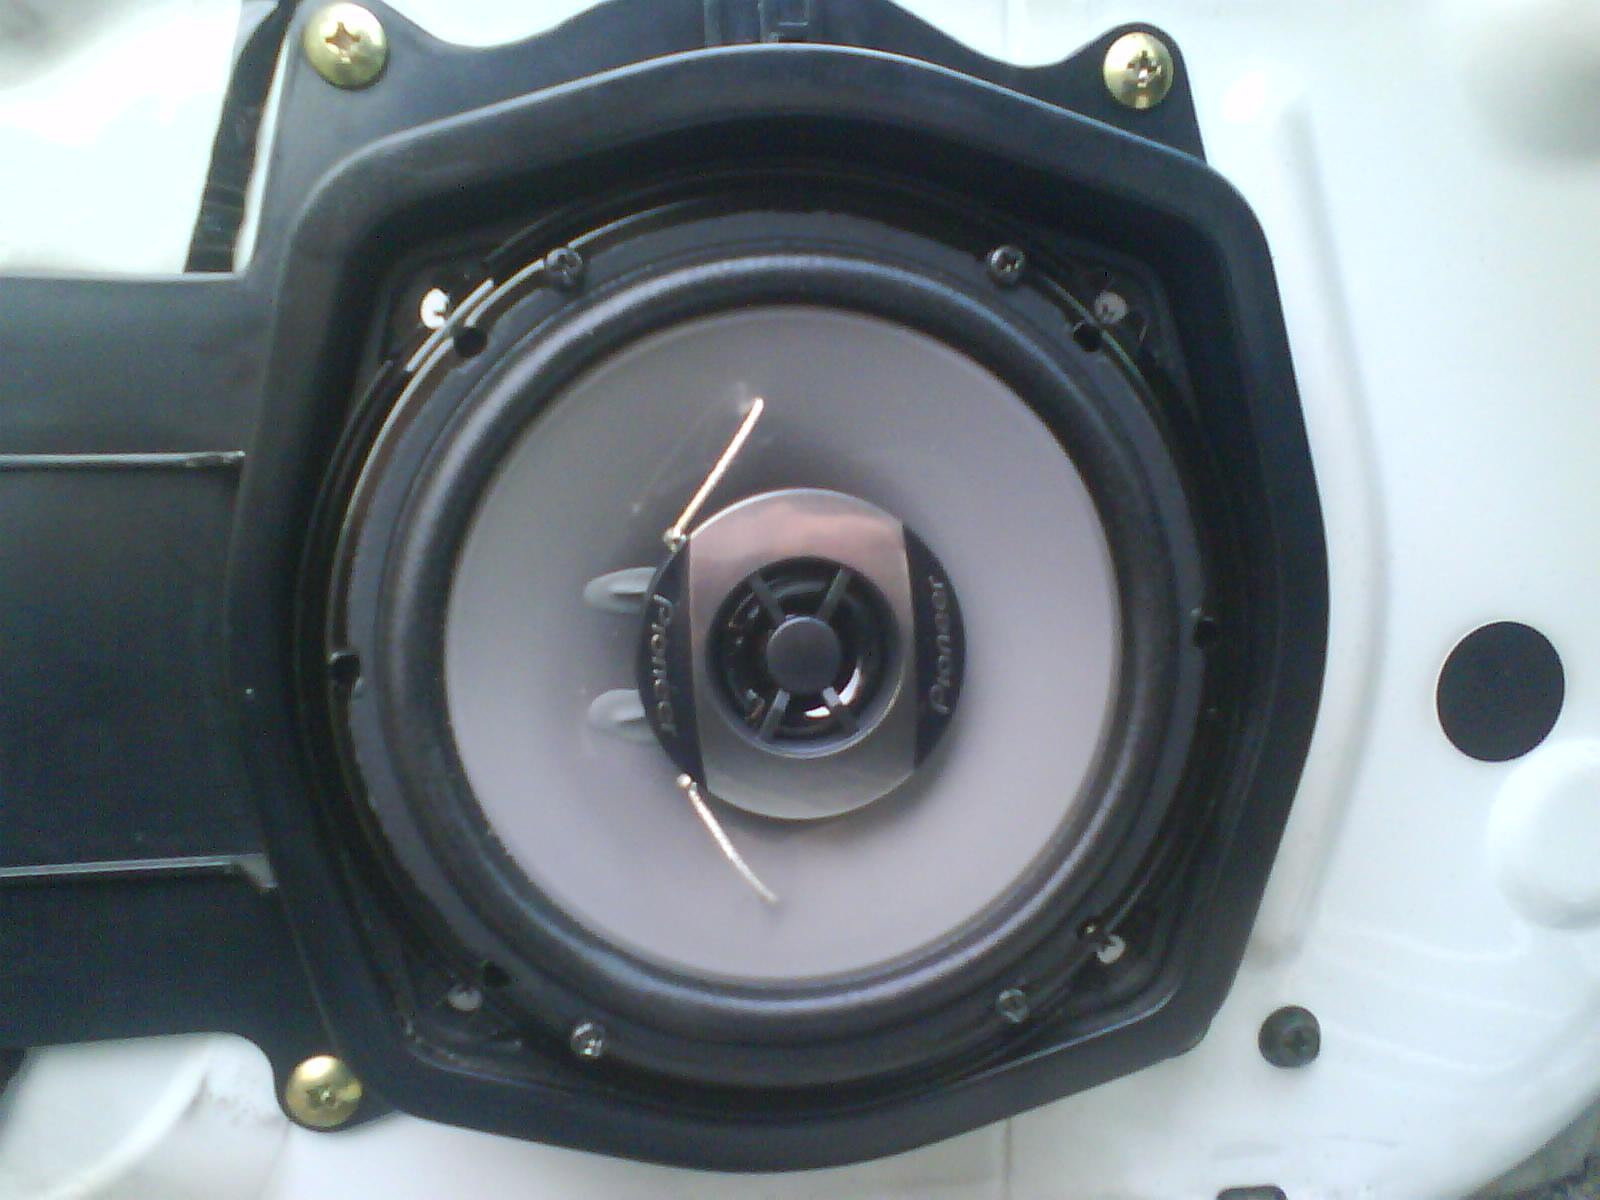 R33 Skyline speakers front door toprank importers